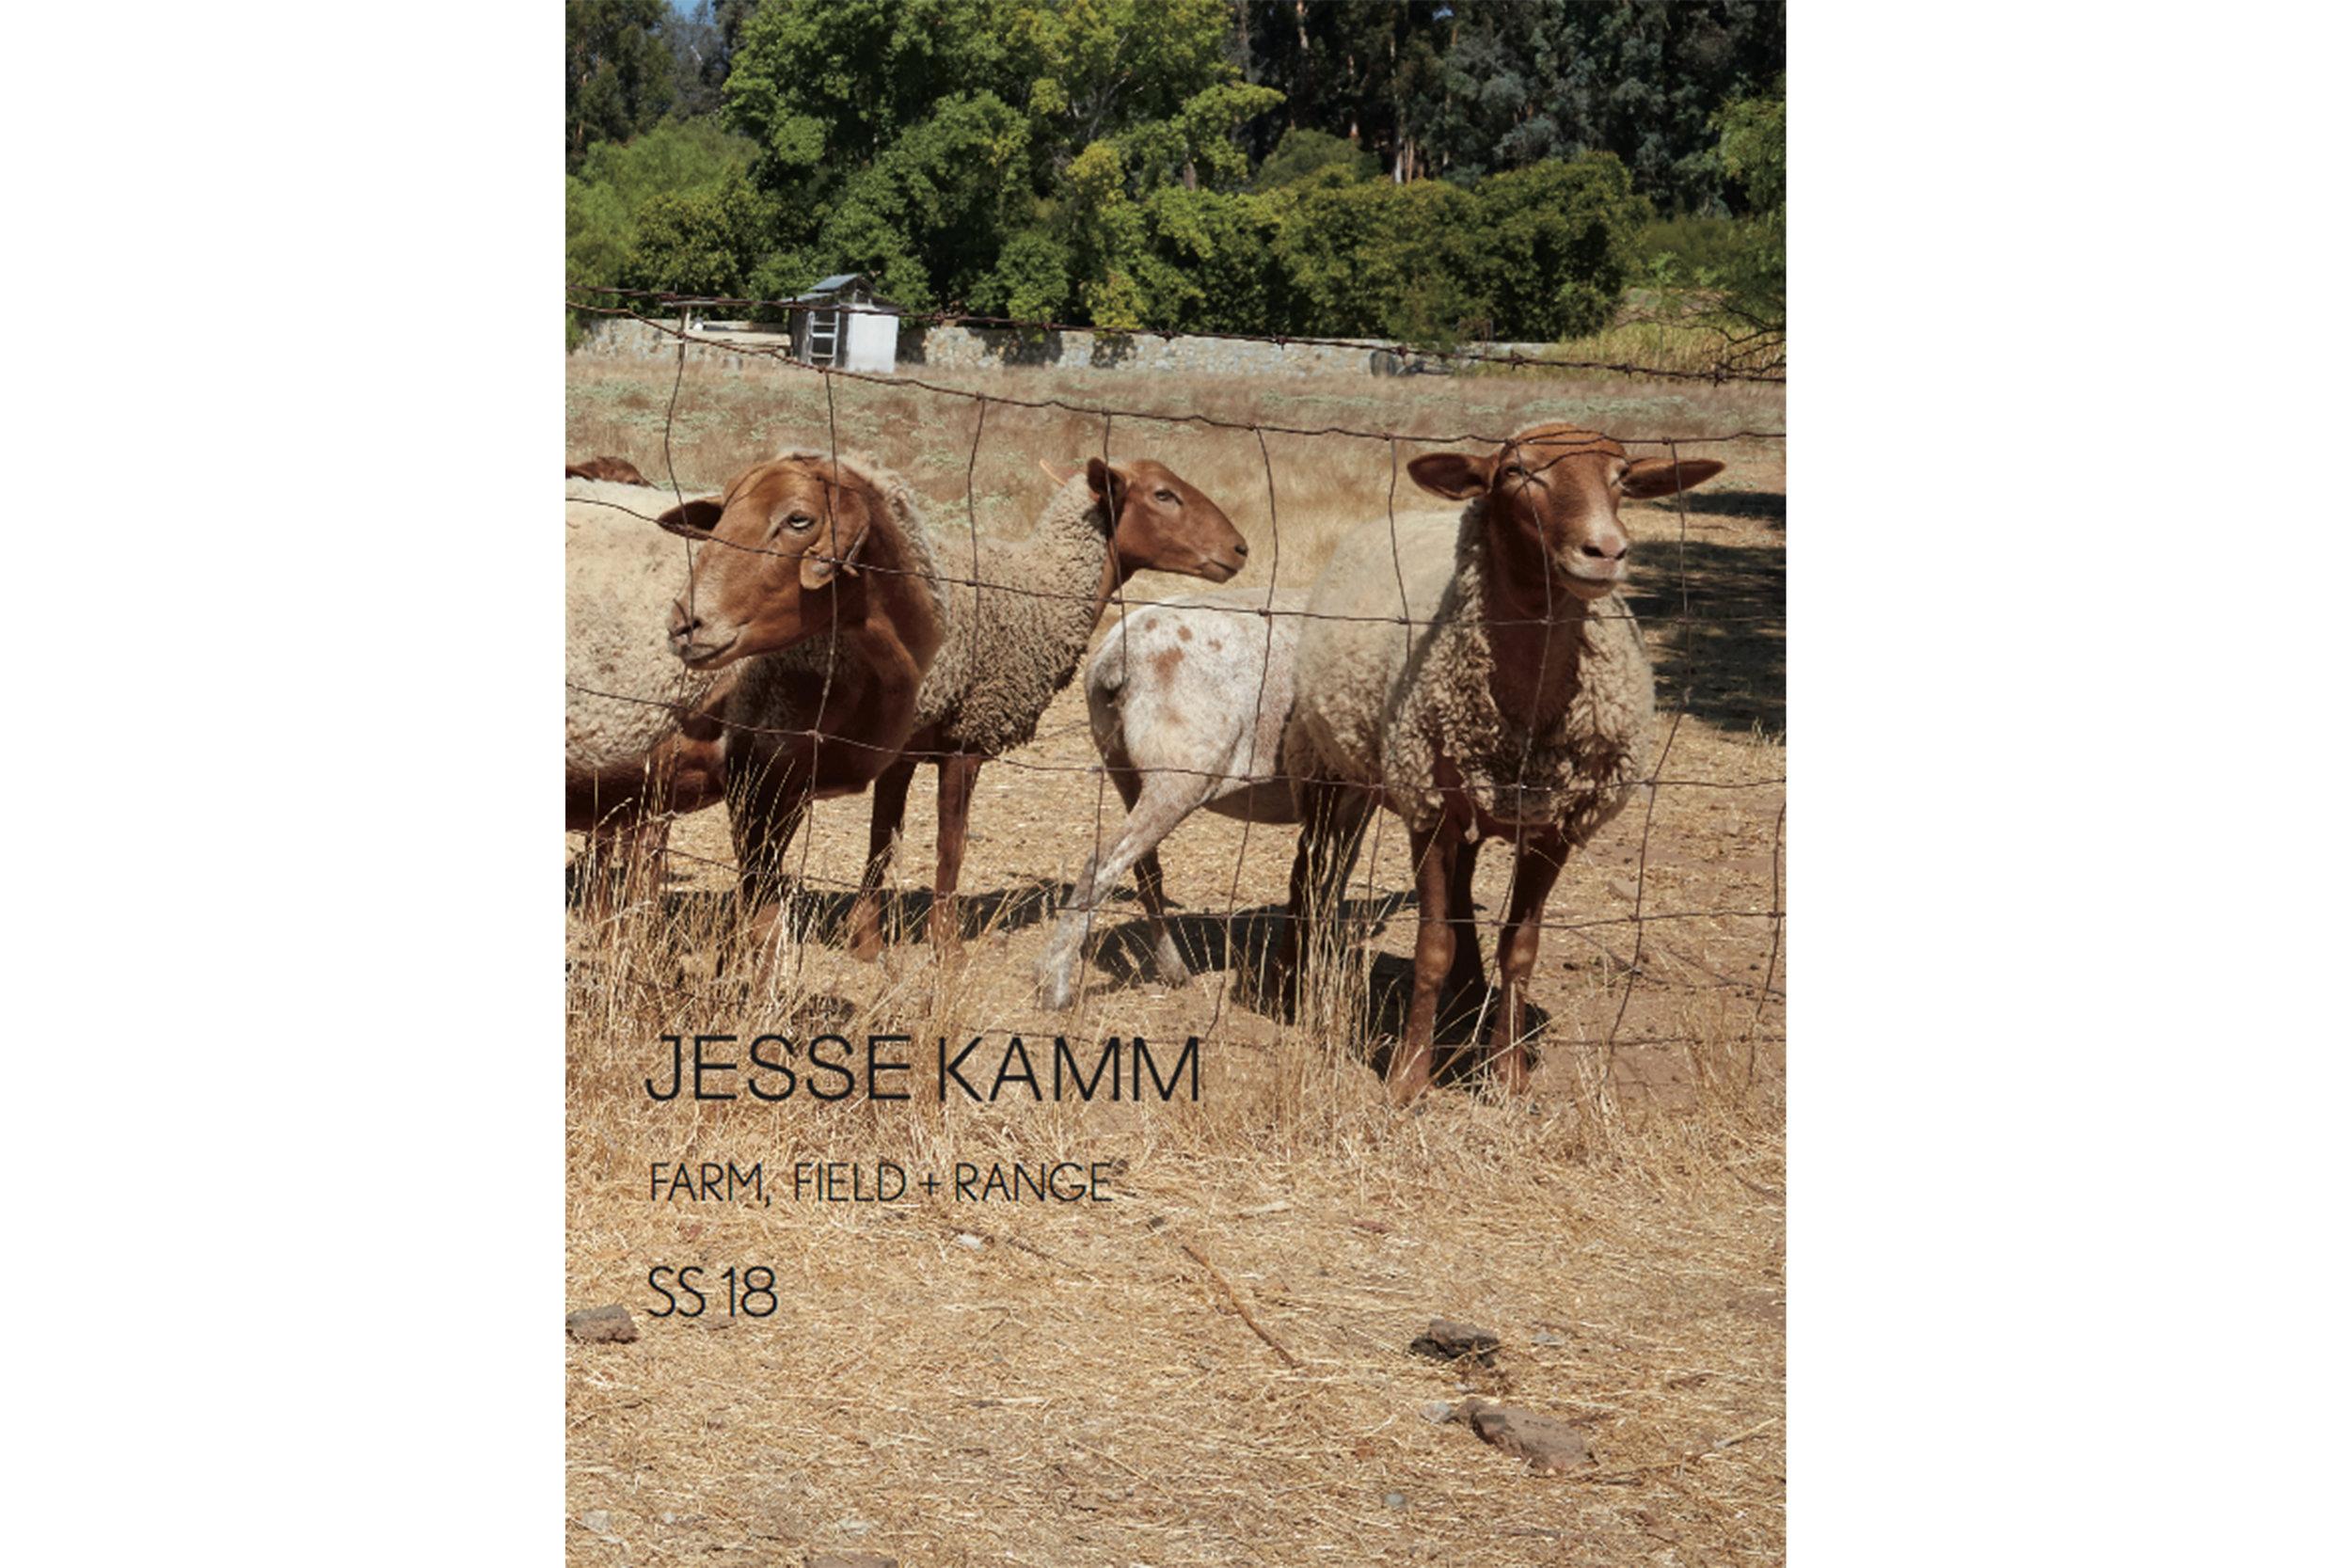 Jesse-Kamm